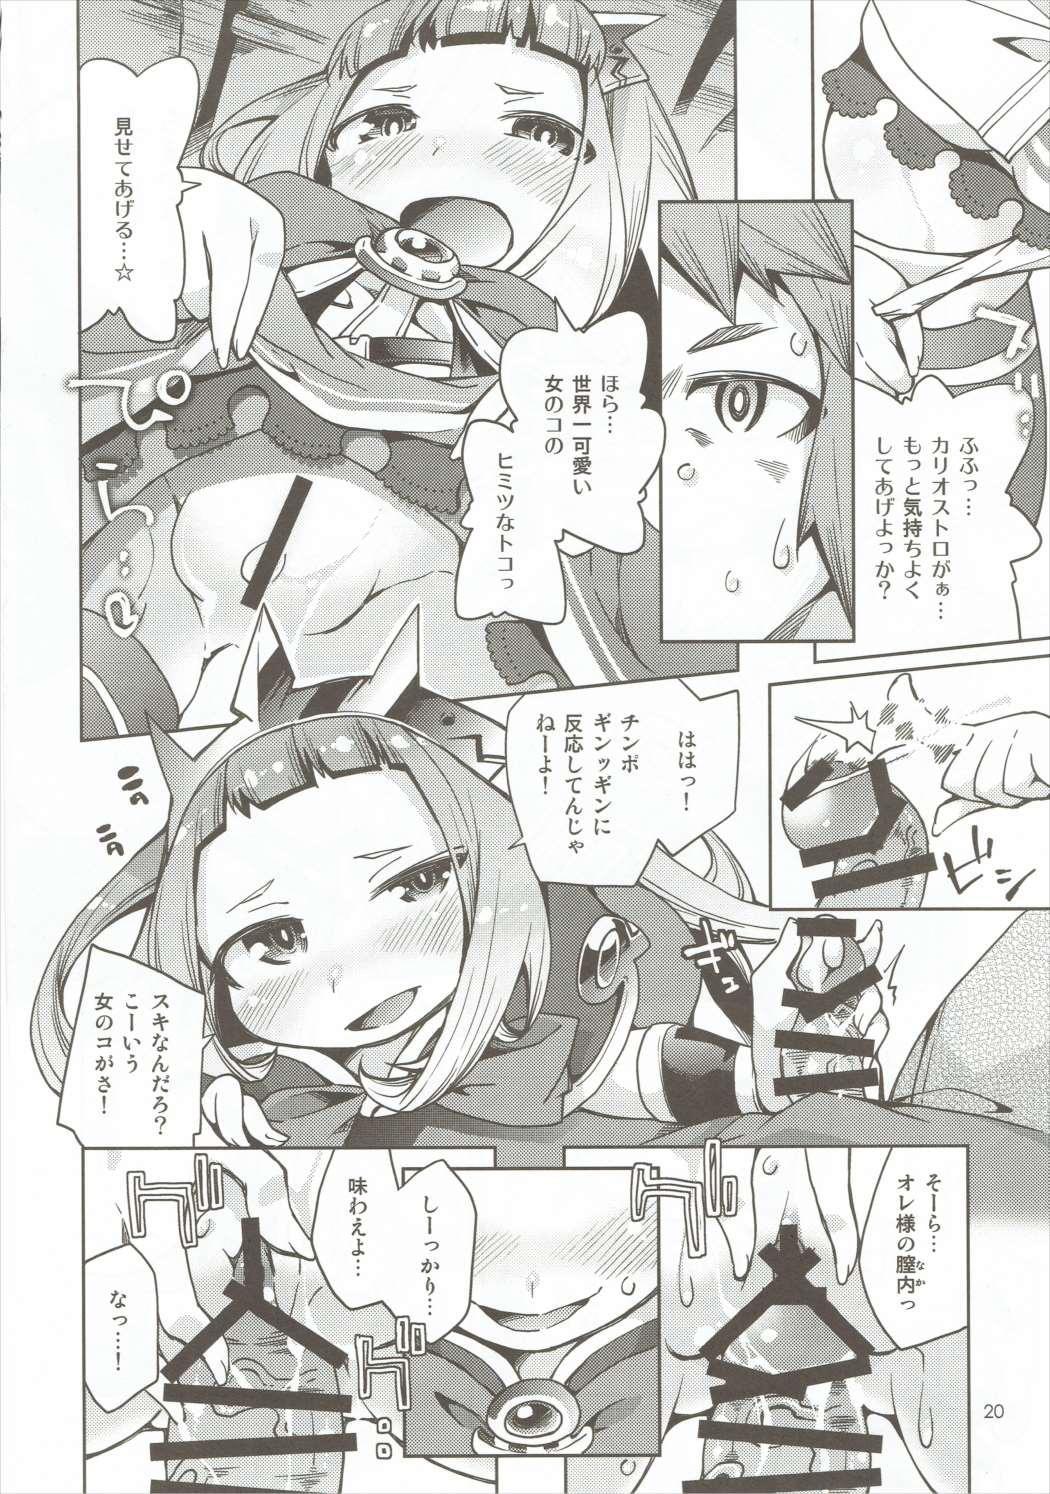 Osora no Ue de Ecchi Shiyo! 18